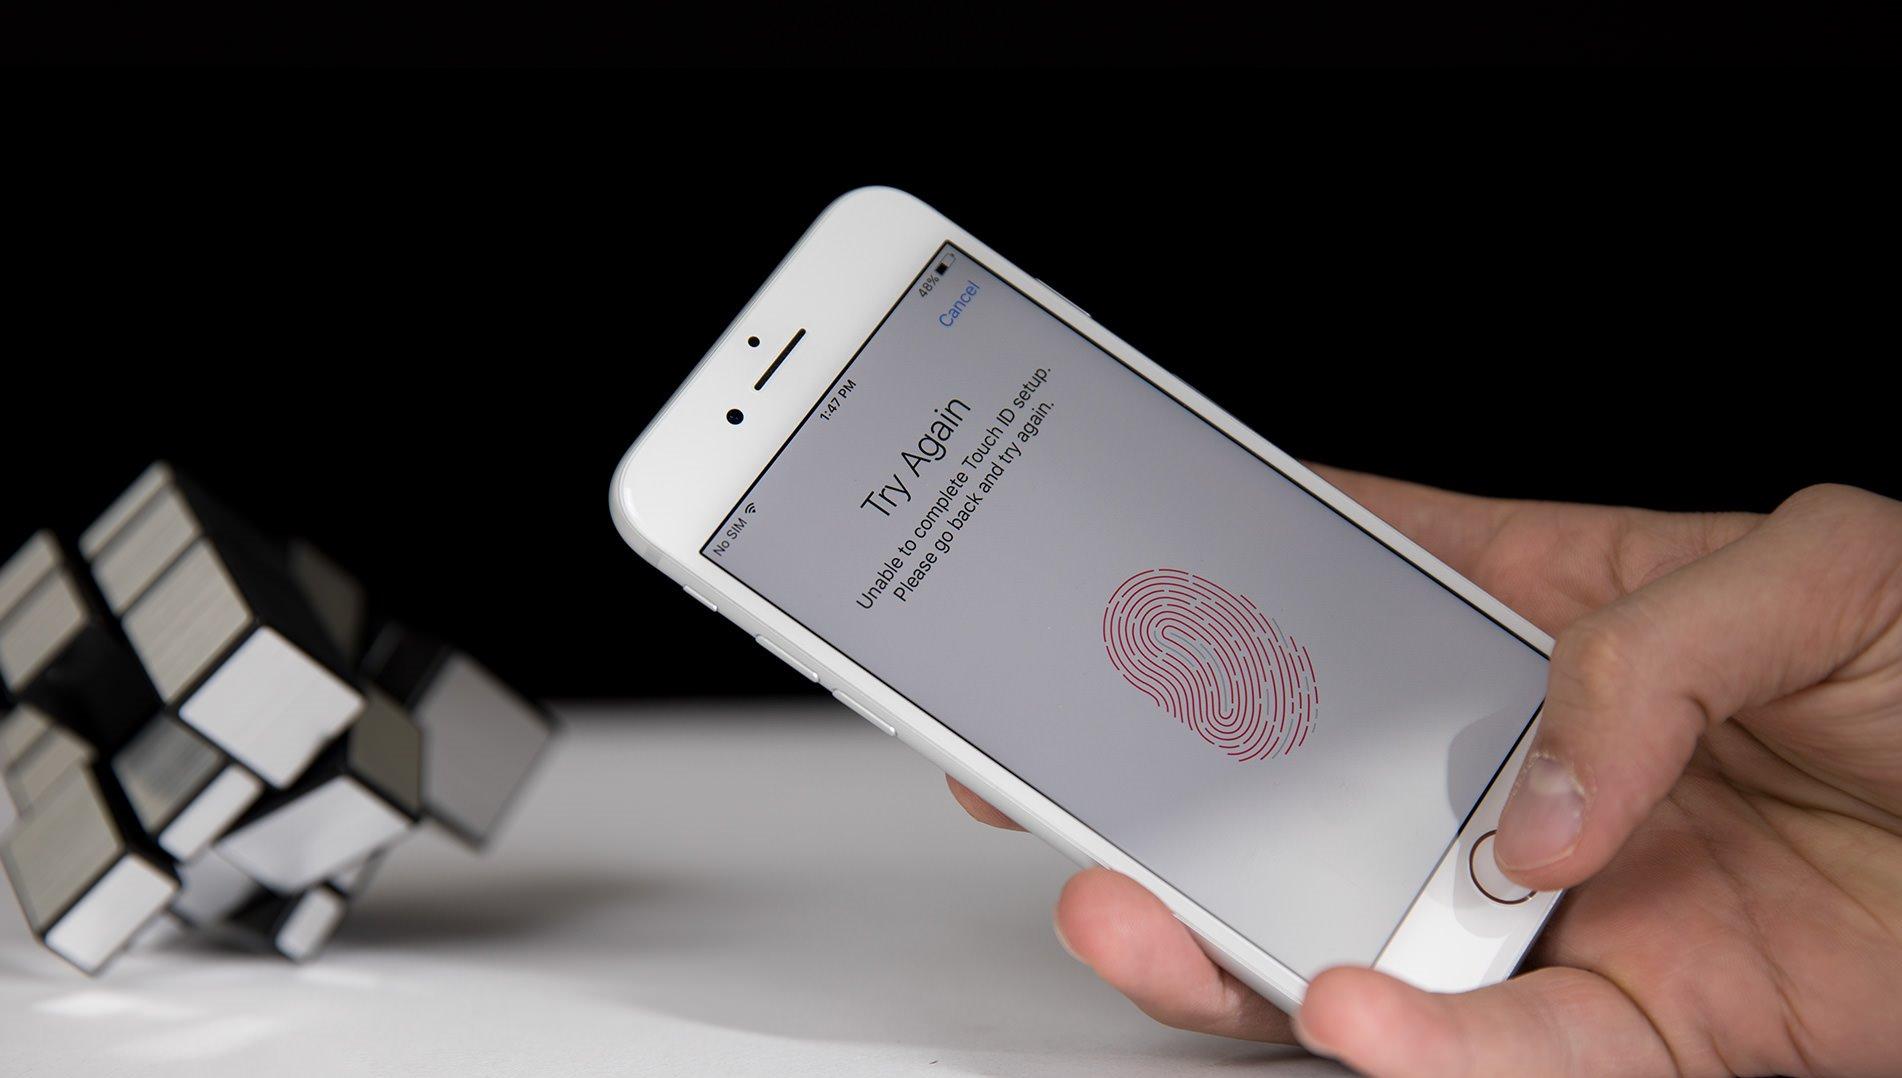 1482119942 قیمت گوشی اپل آیفون 7 در گمرک